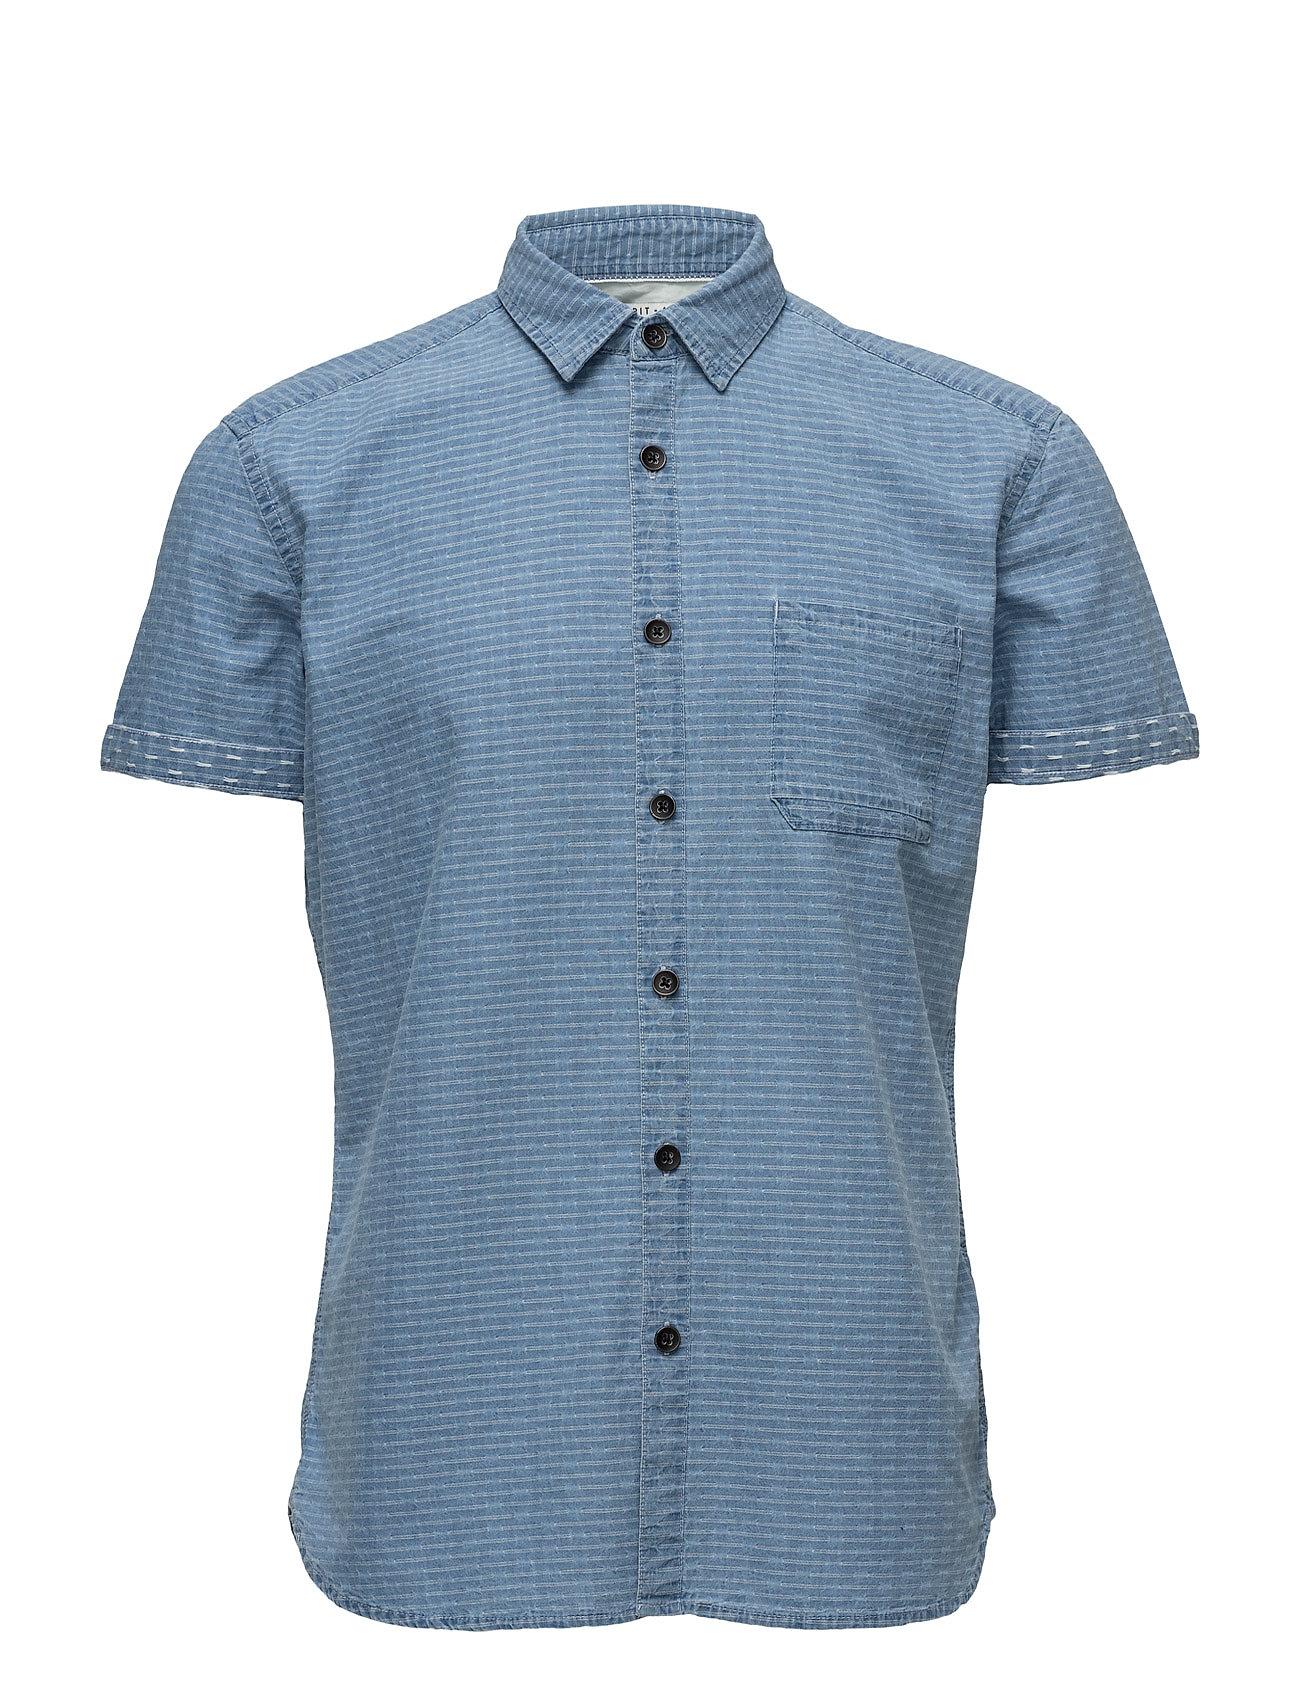 Shirts Woven Esprit Casual Kortærmede til Herrer i